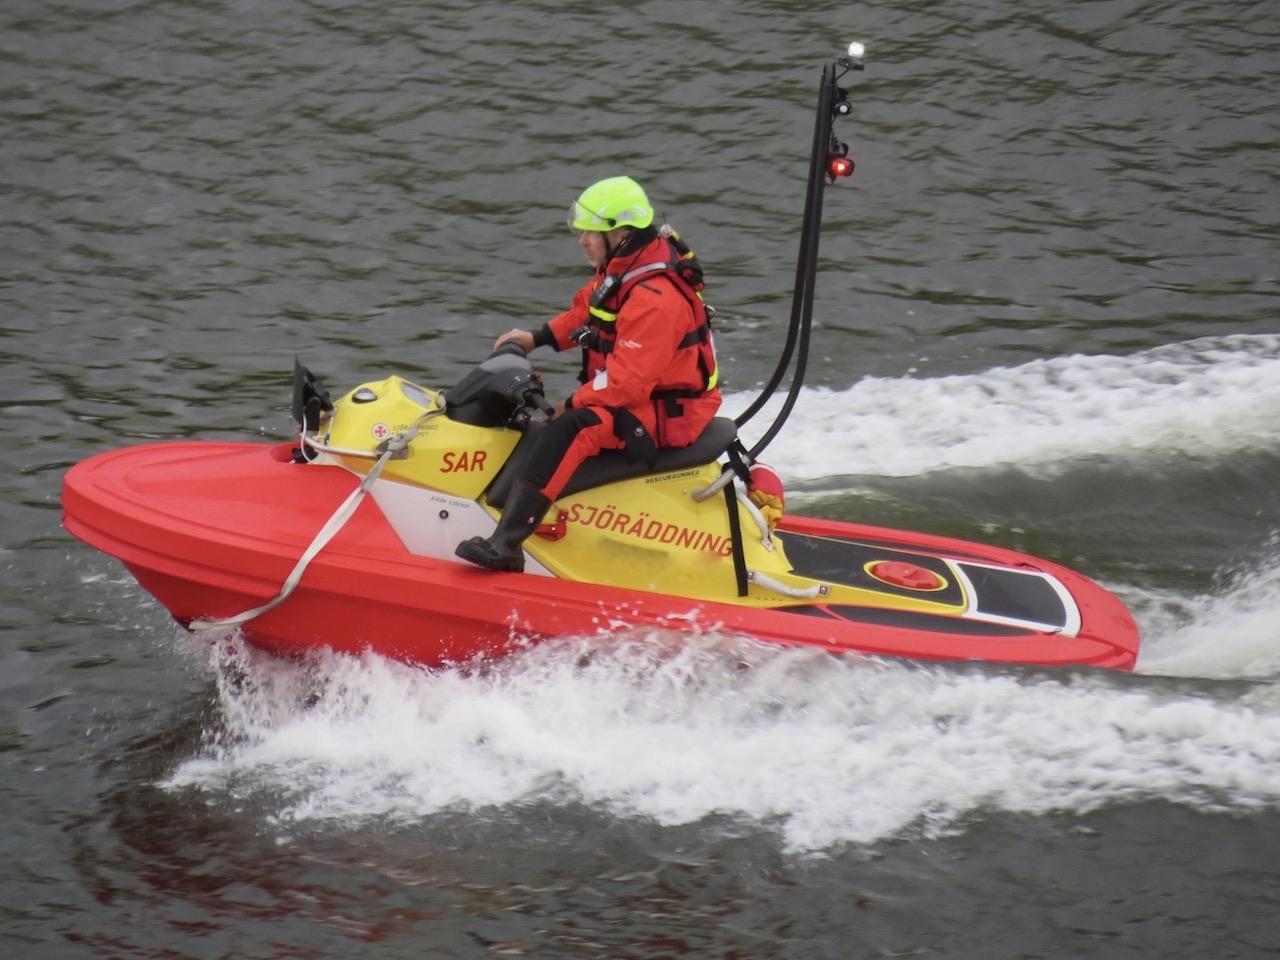 Absolut skiftande utsikt. Svanen i Hammarbykanalen får sällskap en en vattenskoter från Sjöräddningen.